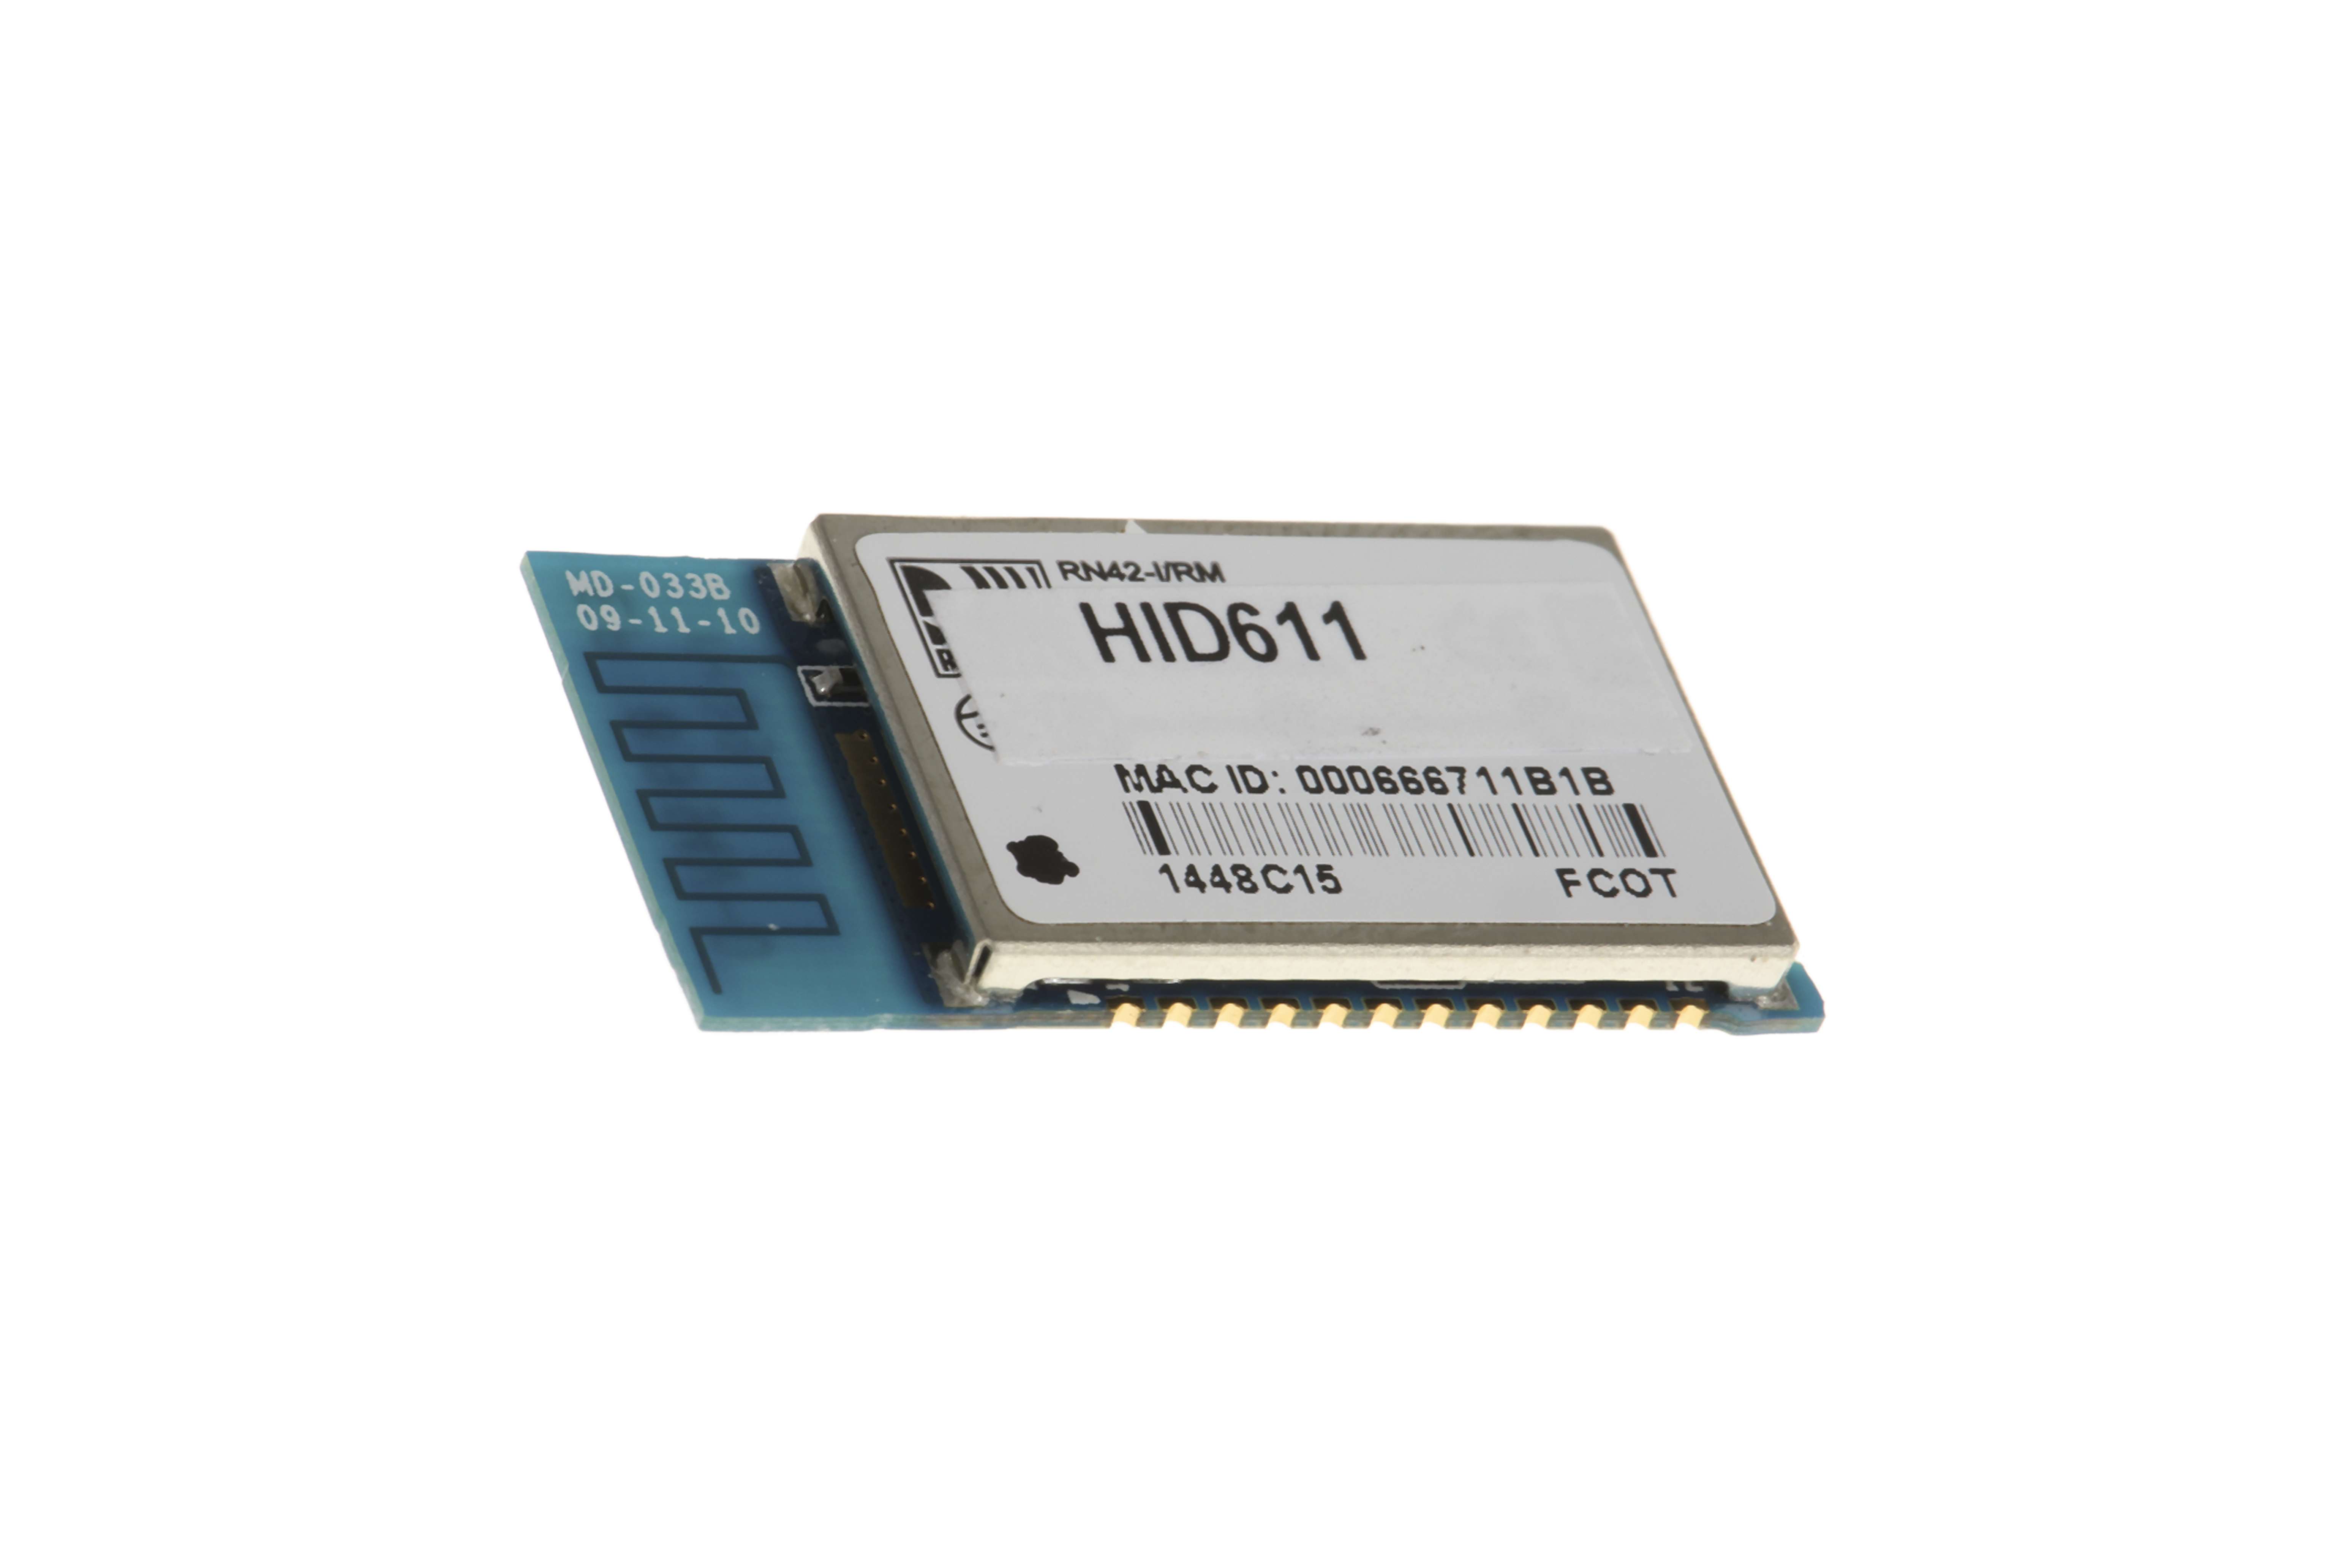 Bluetooth-Modul Klasse 2, v2.1, 4 dBm